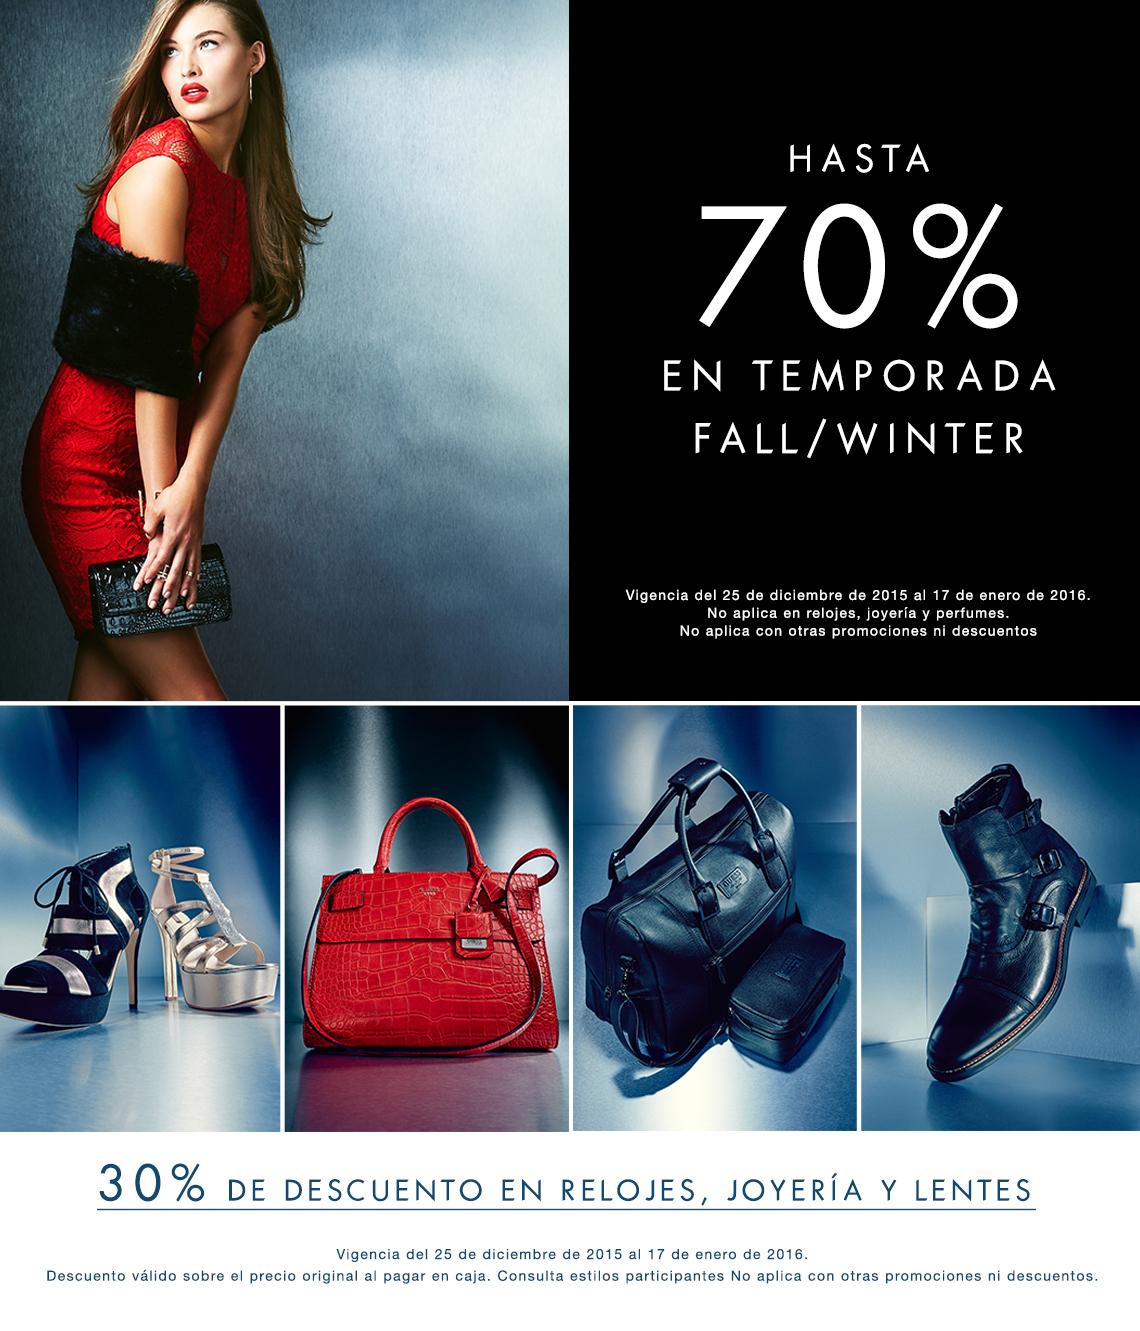 GUESS: Hasta 70% de descuento en temporada fall/winter (MUY RECOMENDADO)